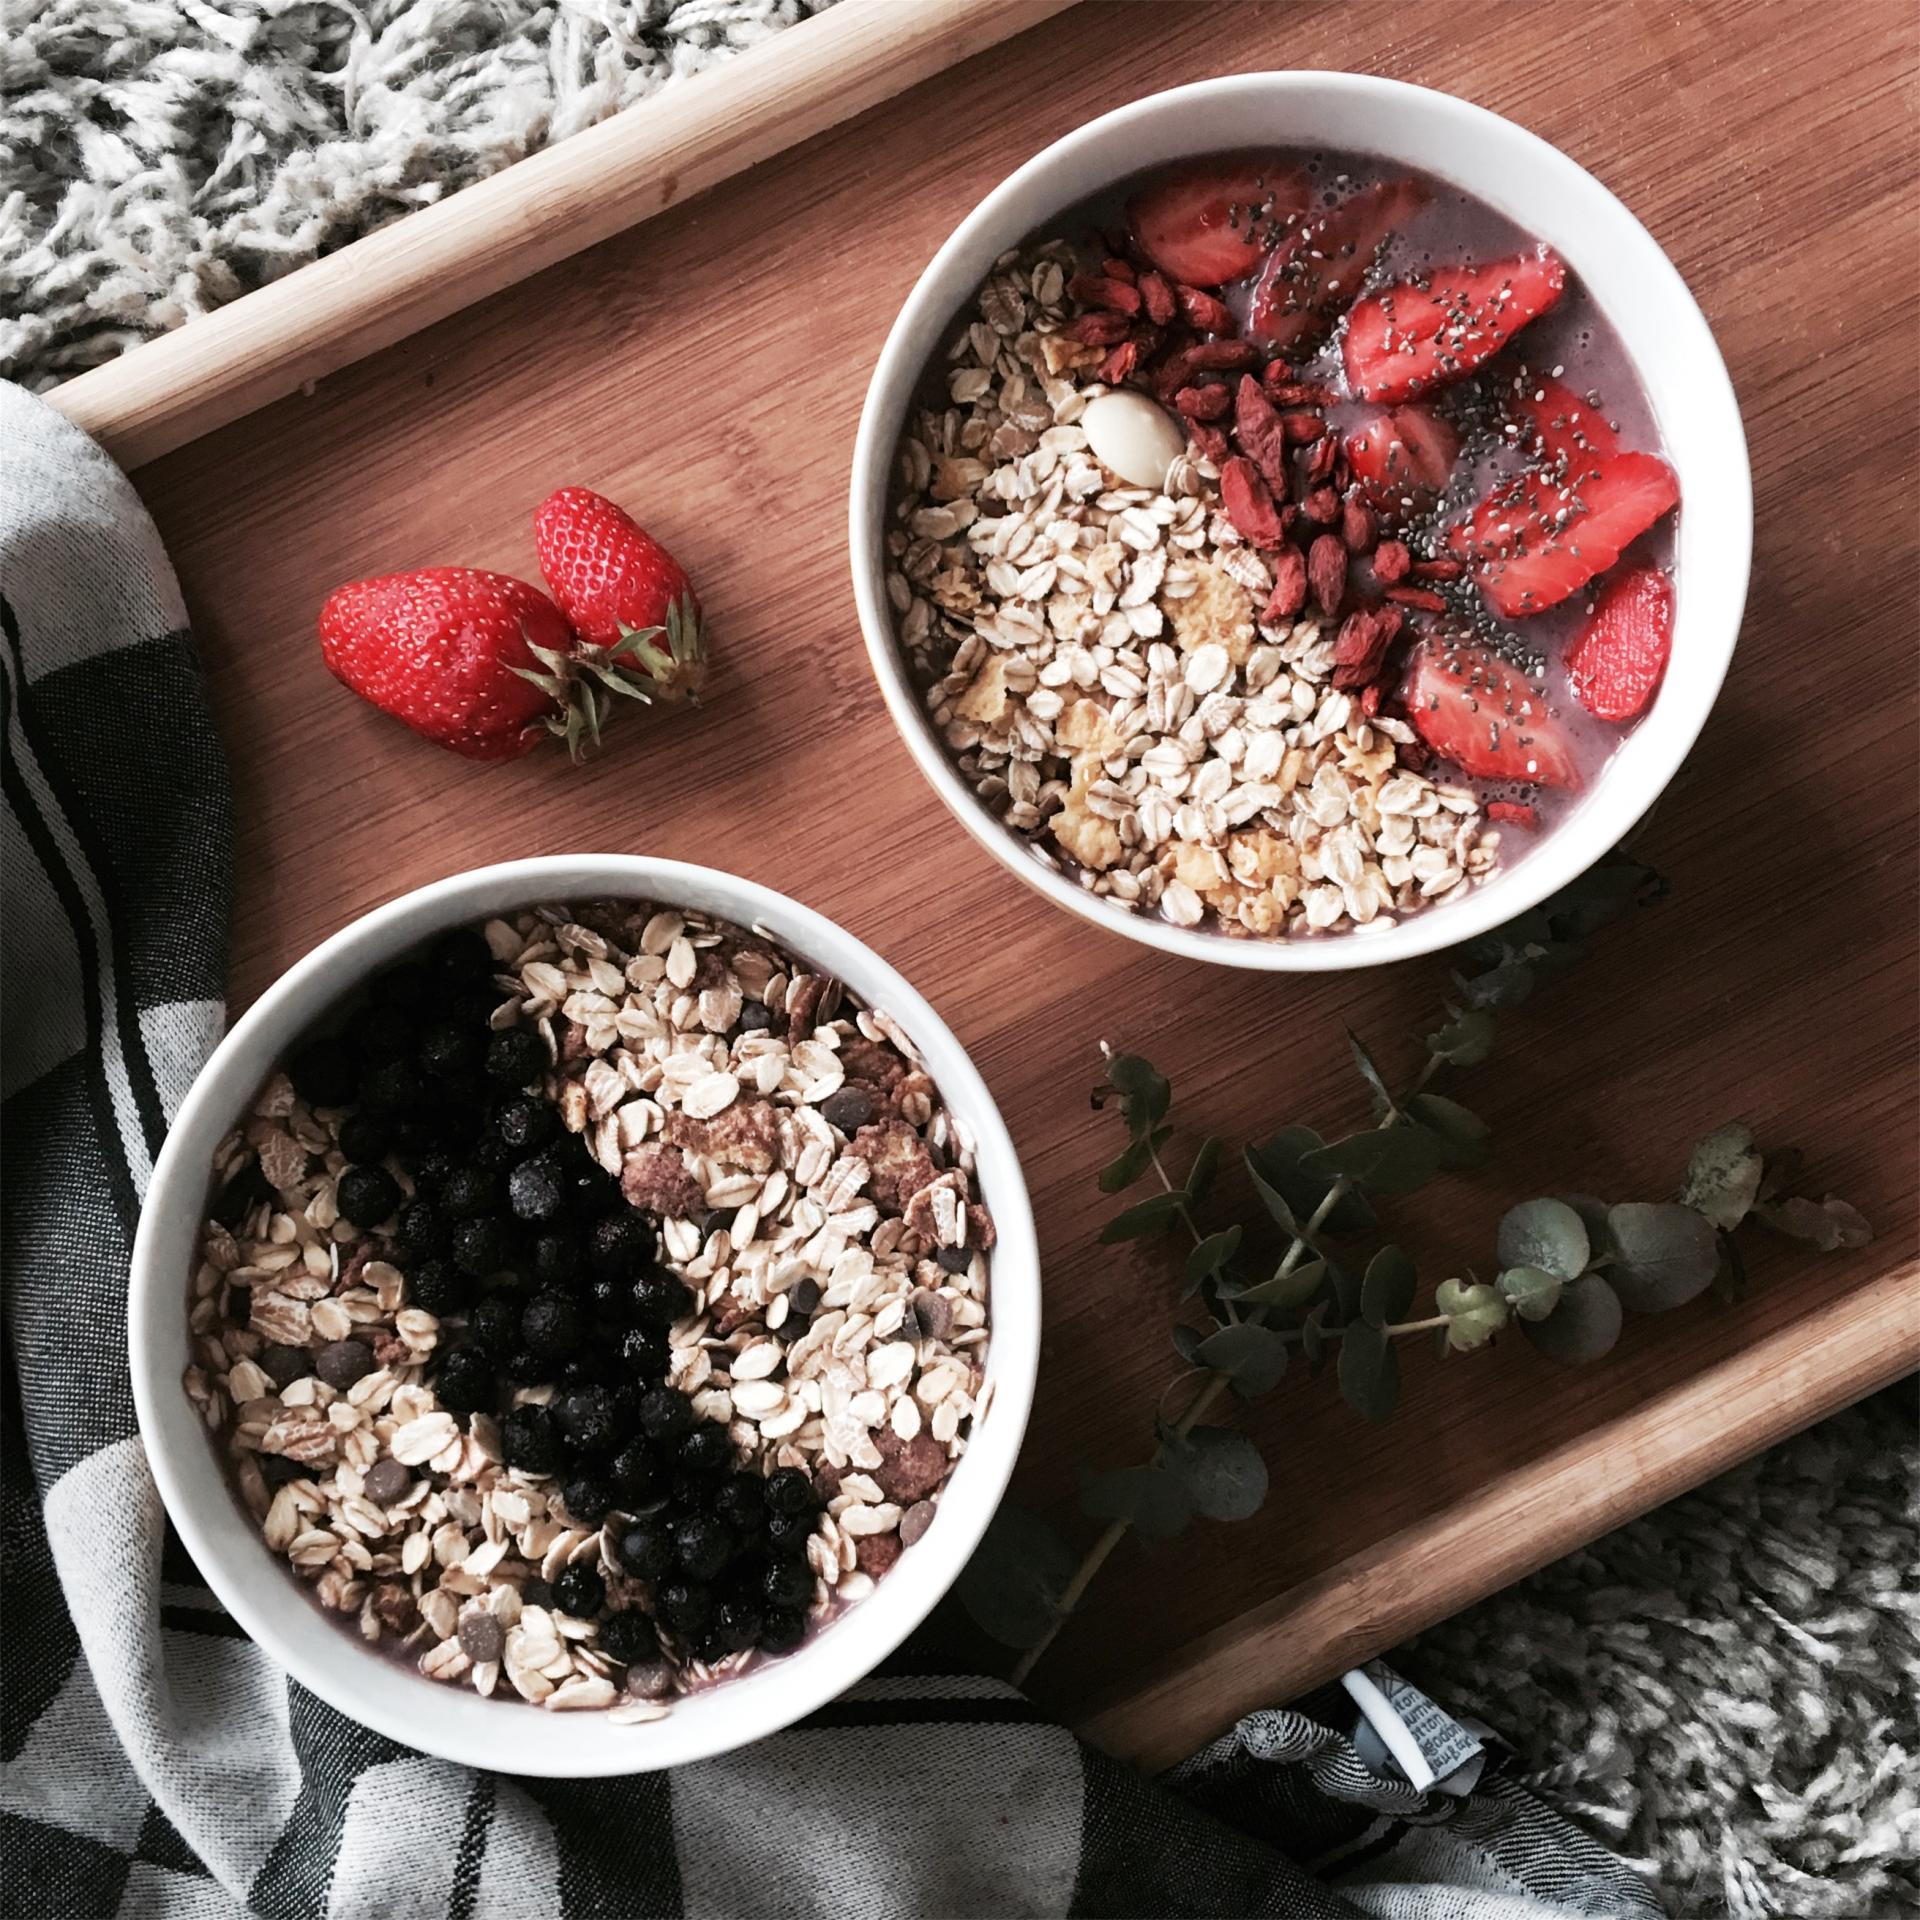 petit d jeuner healthy mes 3 recettes faciles et rapides sharefashion. Black Bedroom Furniture Sets. Home Design Ideas